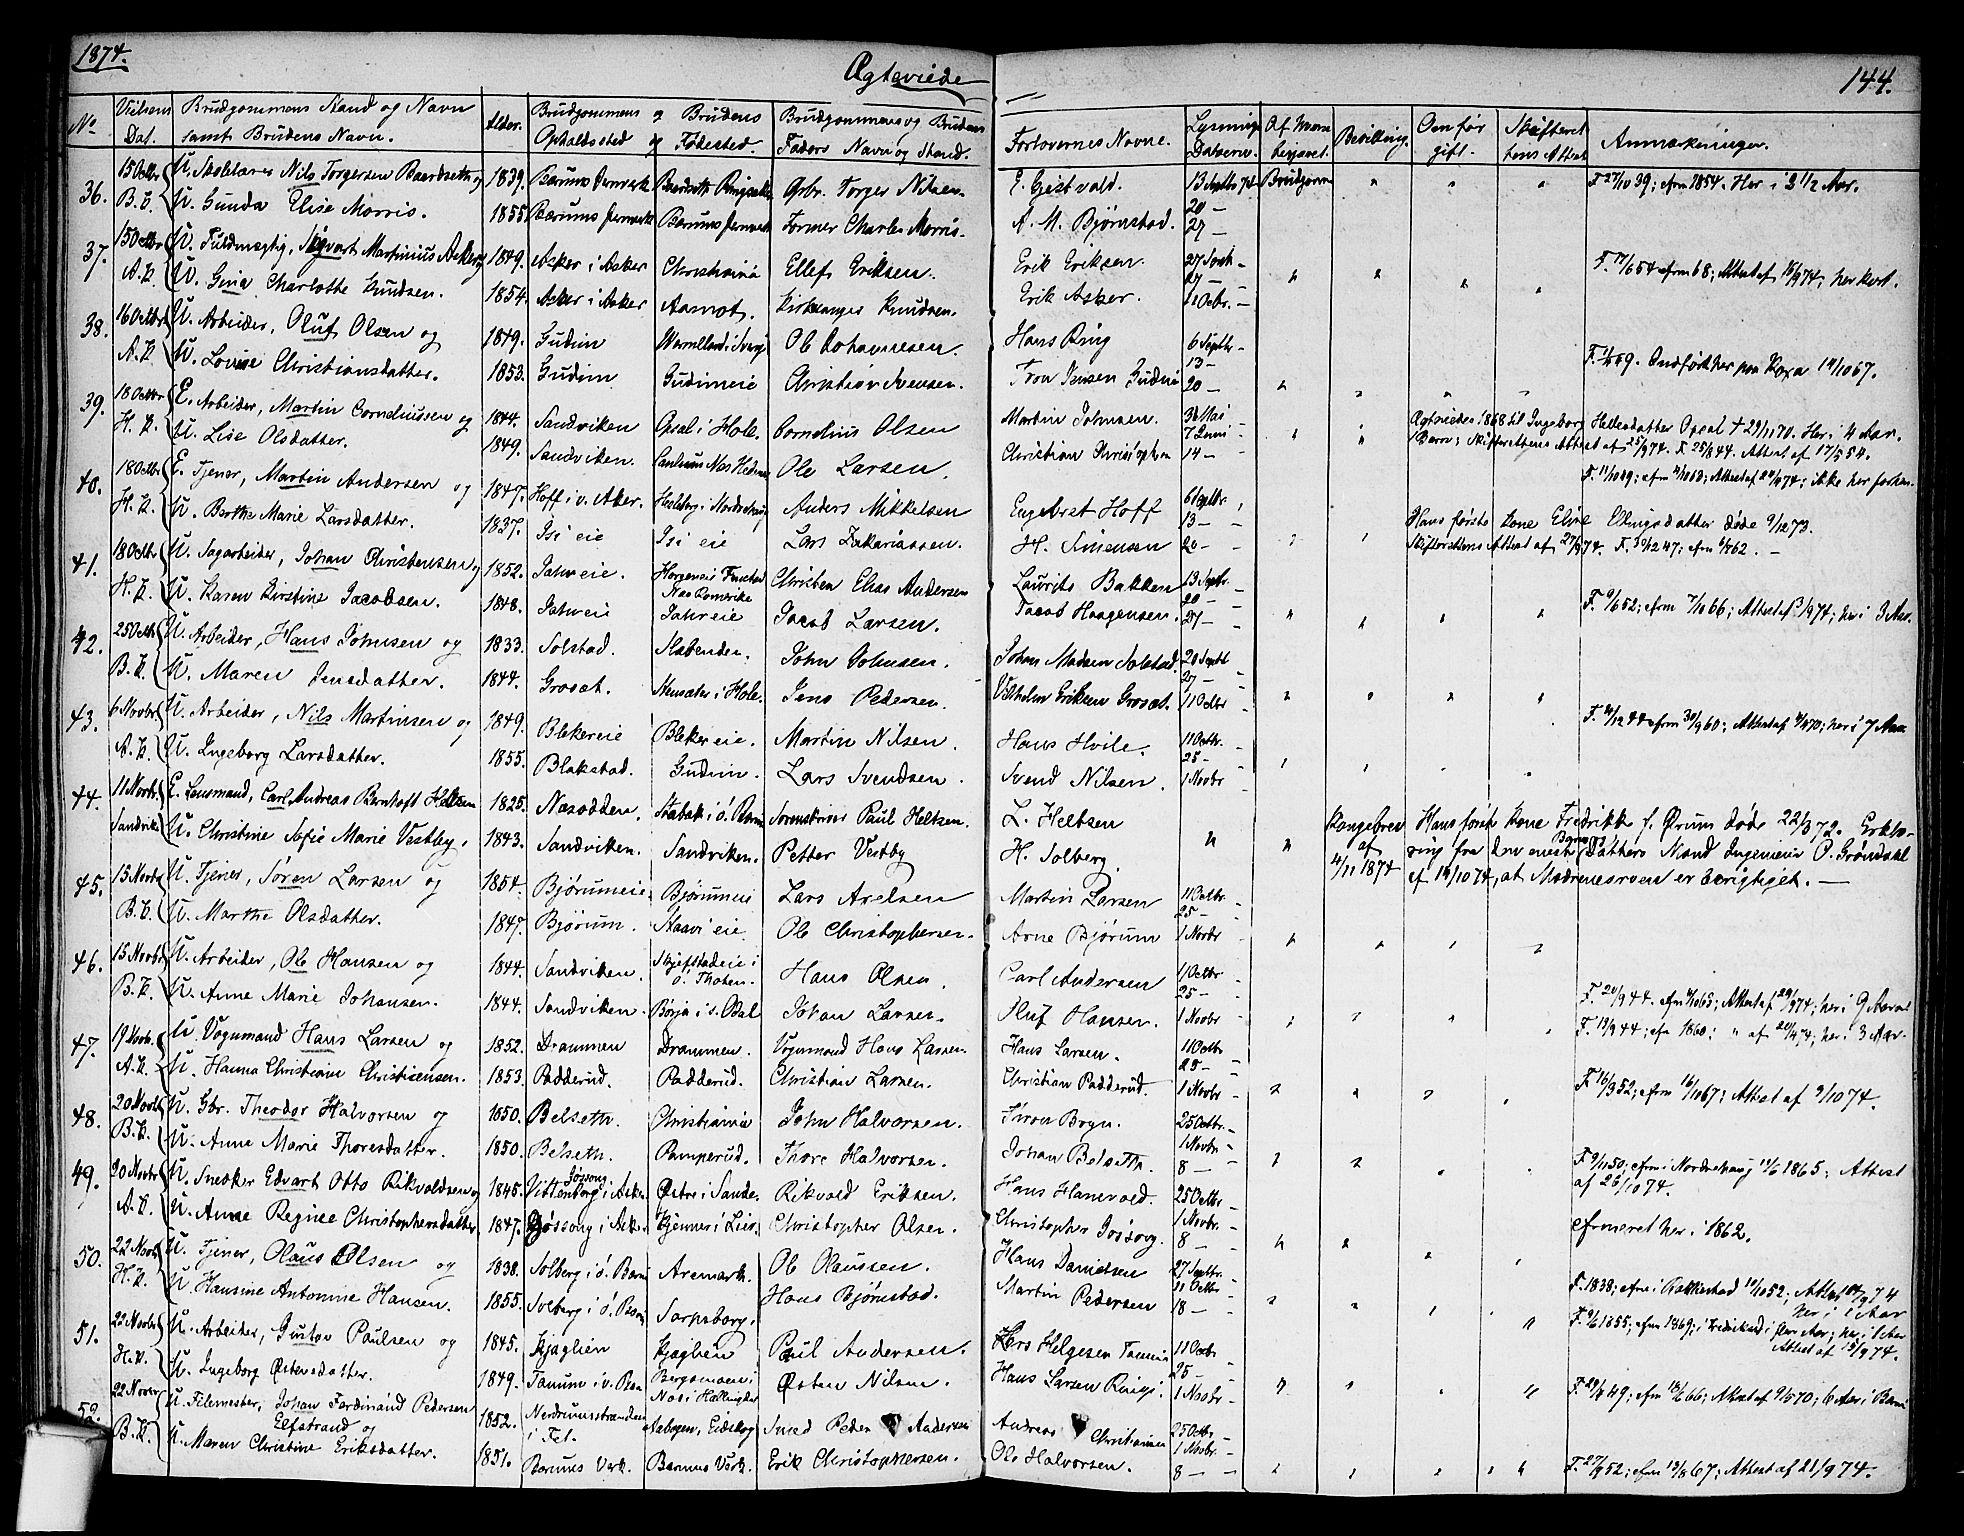 SAO, Asker prestekontor Kirkebøker, F/Fa/L0010: Ministerialbok nr. I 10, 1825-1878, s. 144